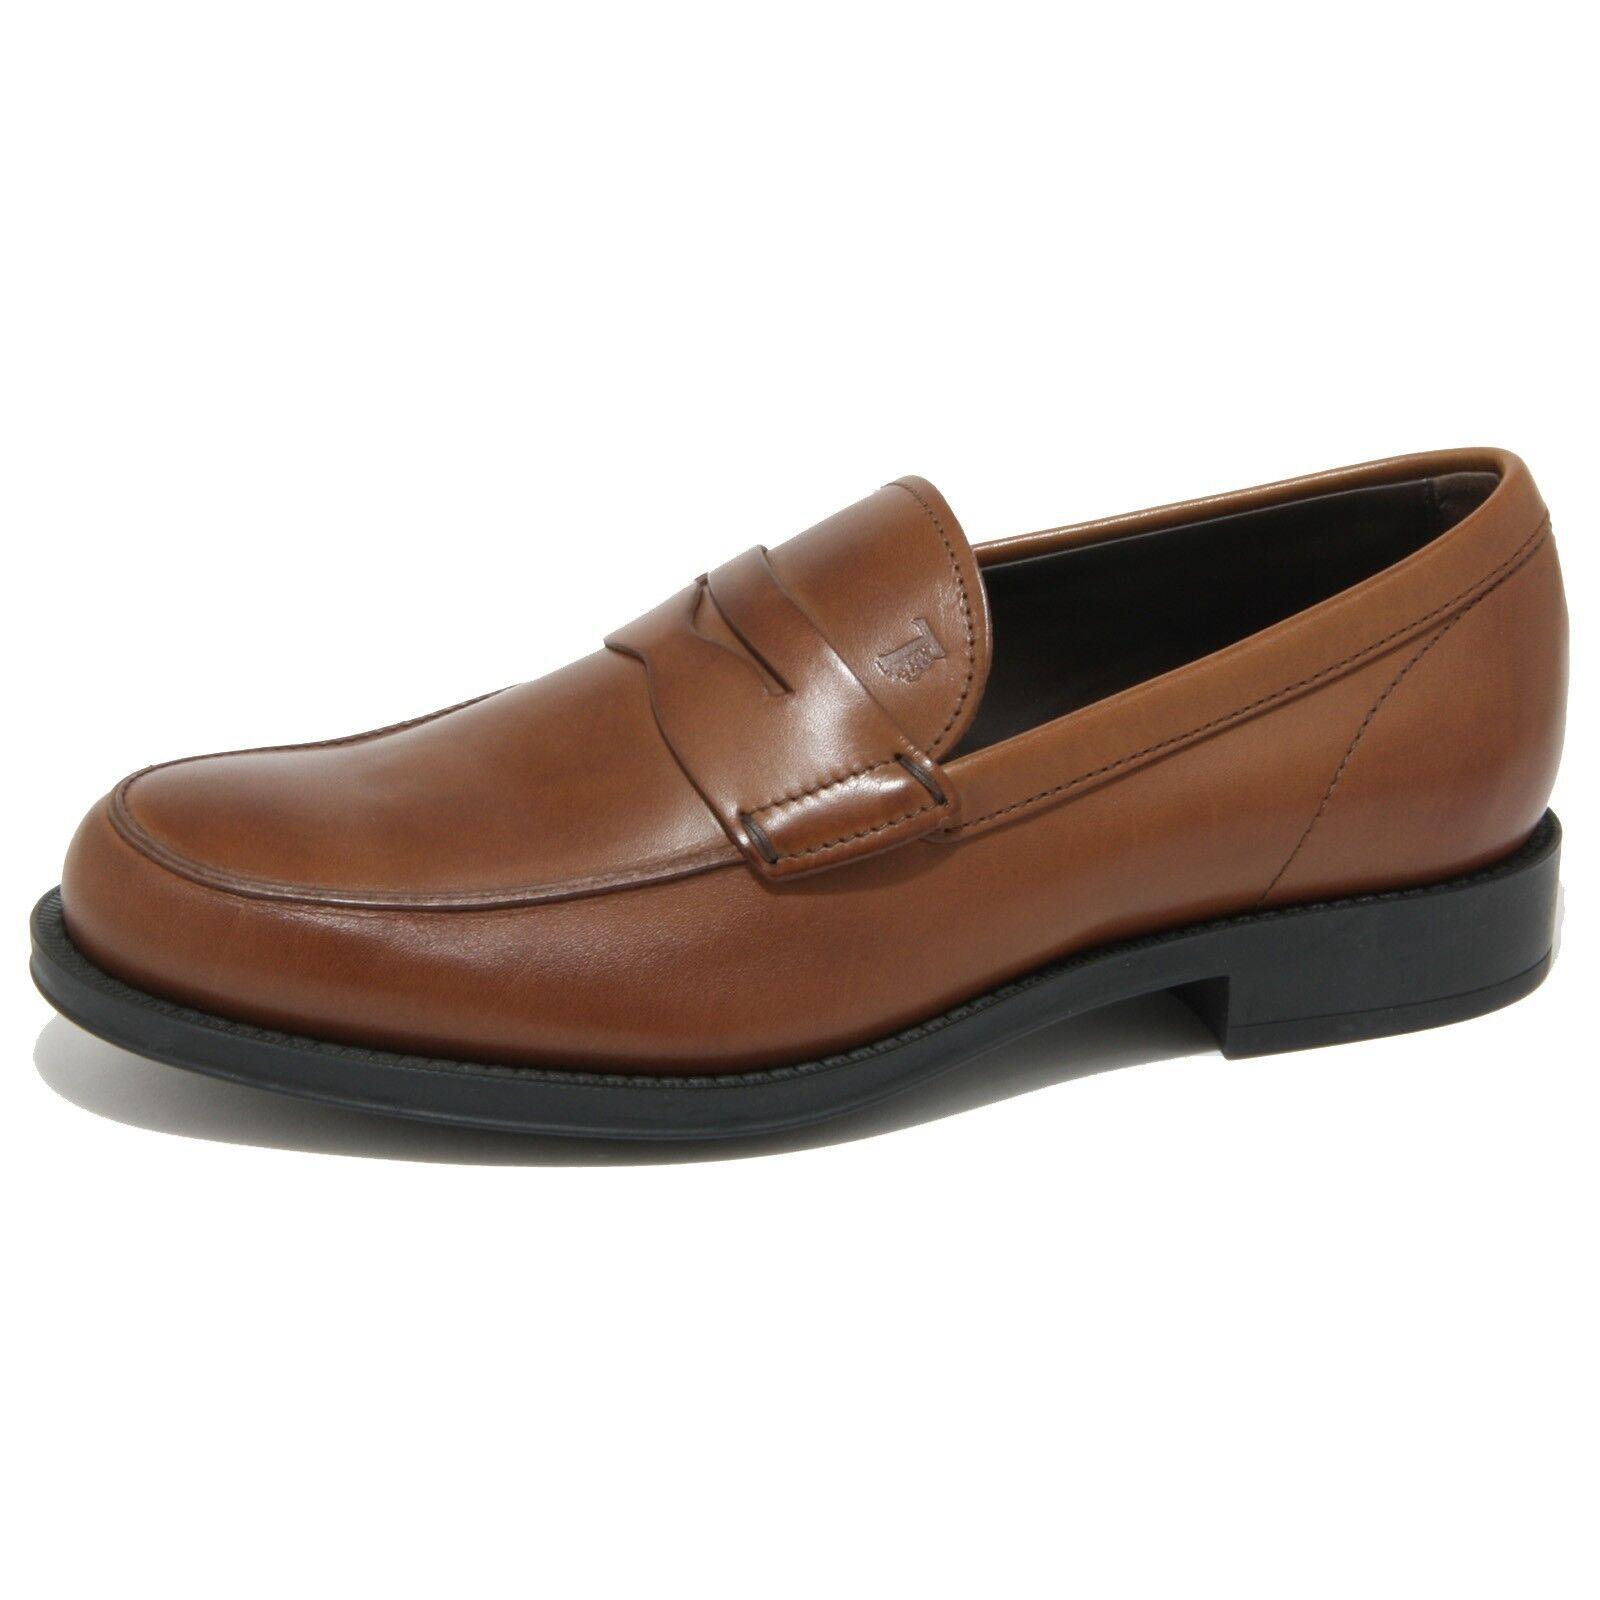 0510O mocassino TOD'S MOCASSINO CLASSICO marrone scarpe uomo loafer Uomo